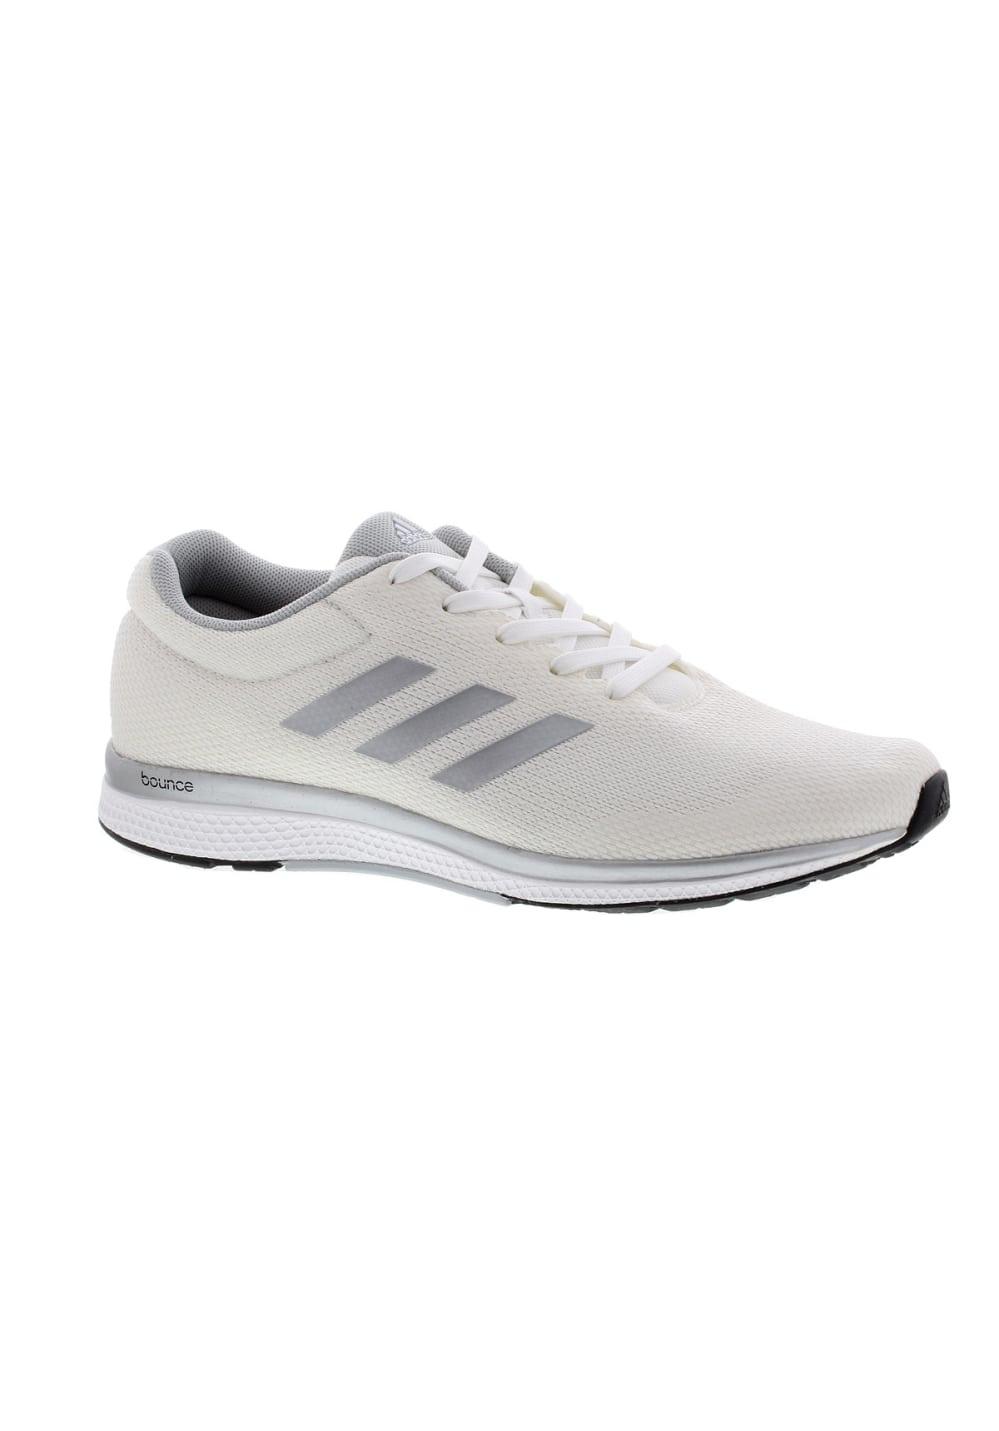 adidas Mana Bounce 2 Aramis - Laufschuhe für Herren - Grau